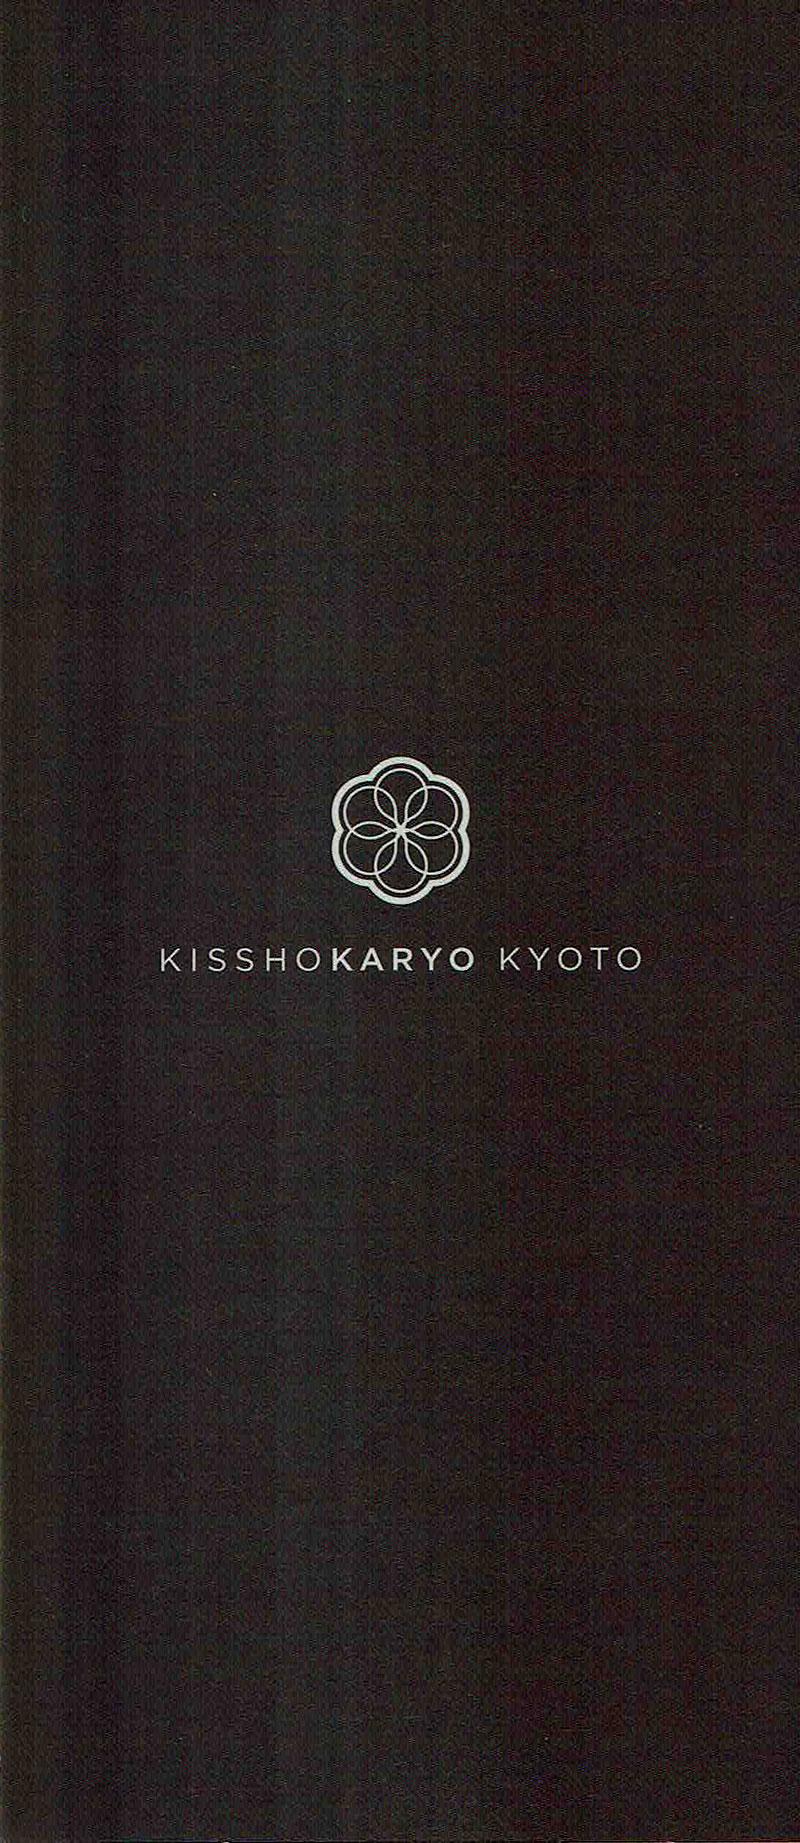 吉祥菓寮KISSHOKARYO KYOTO パンフレットデザイン